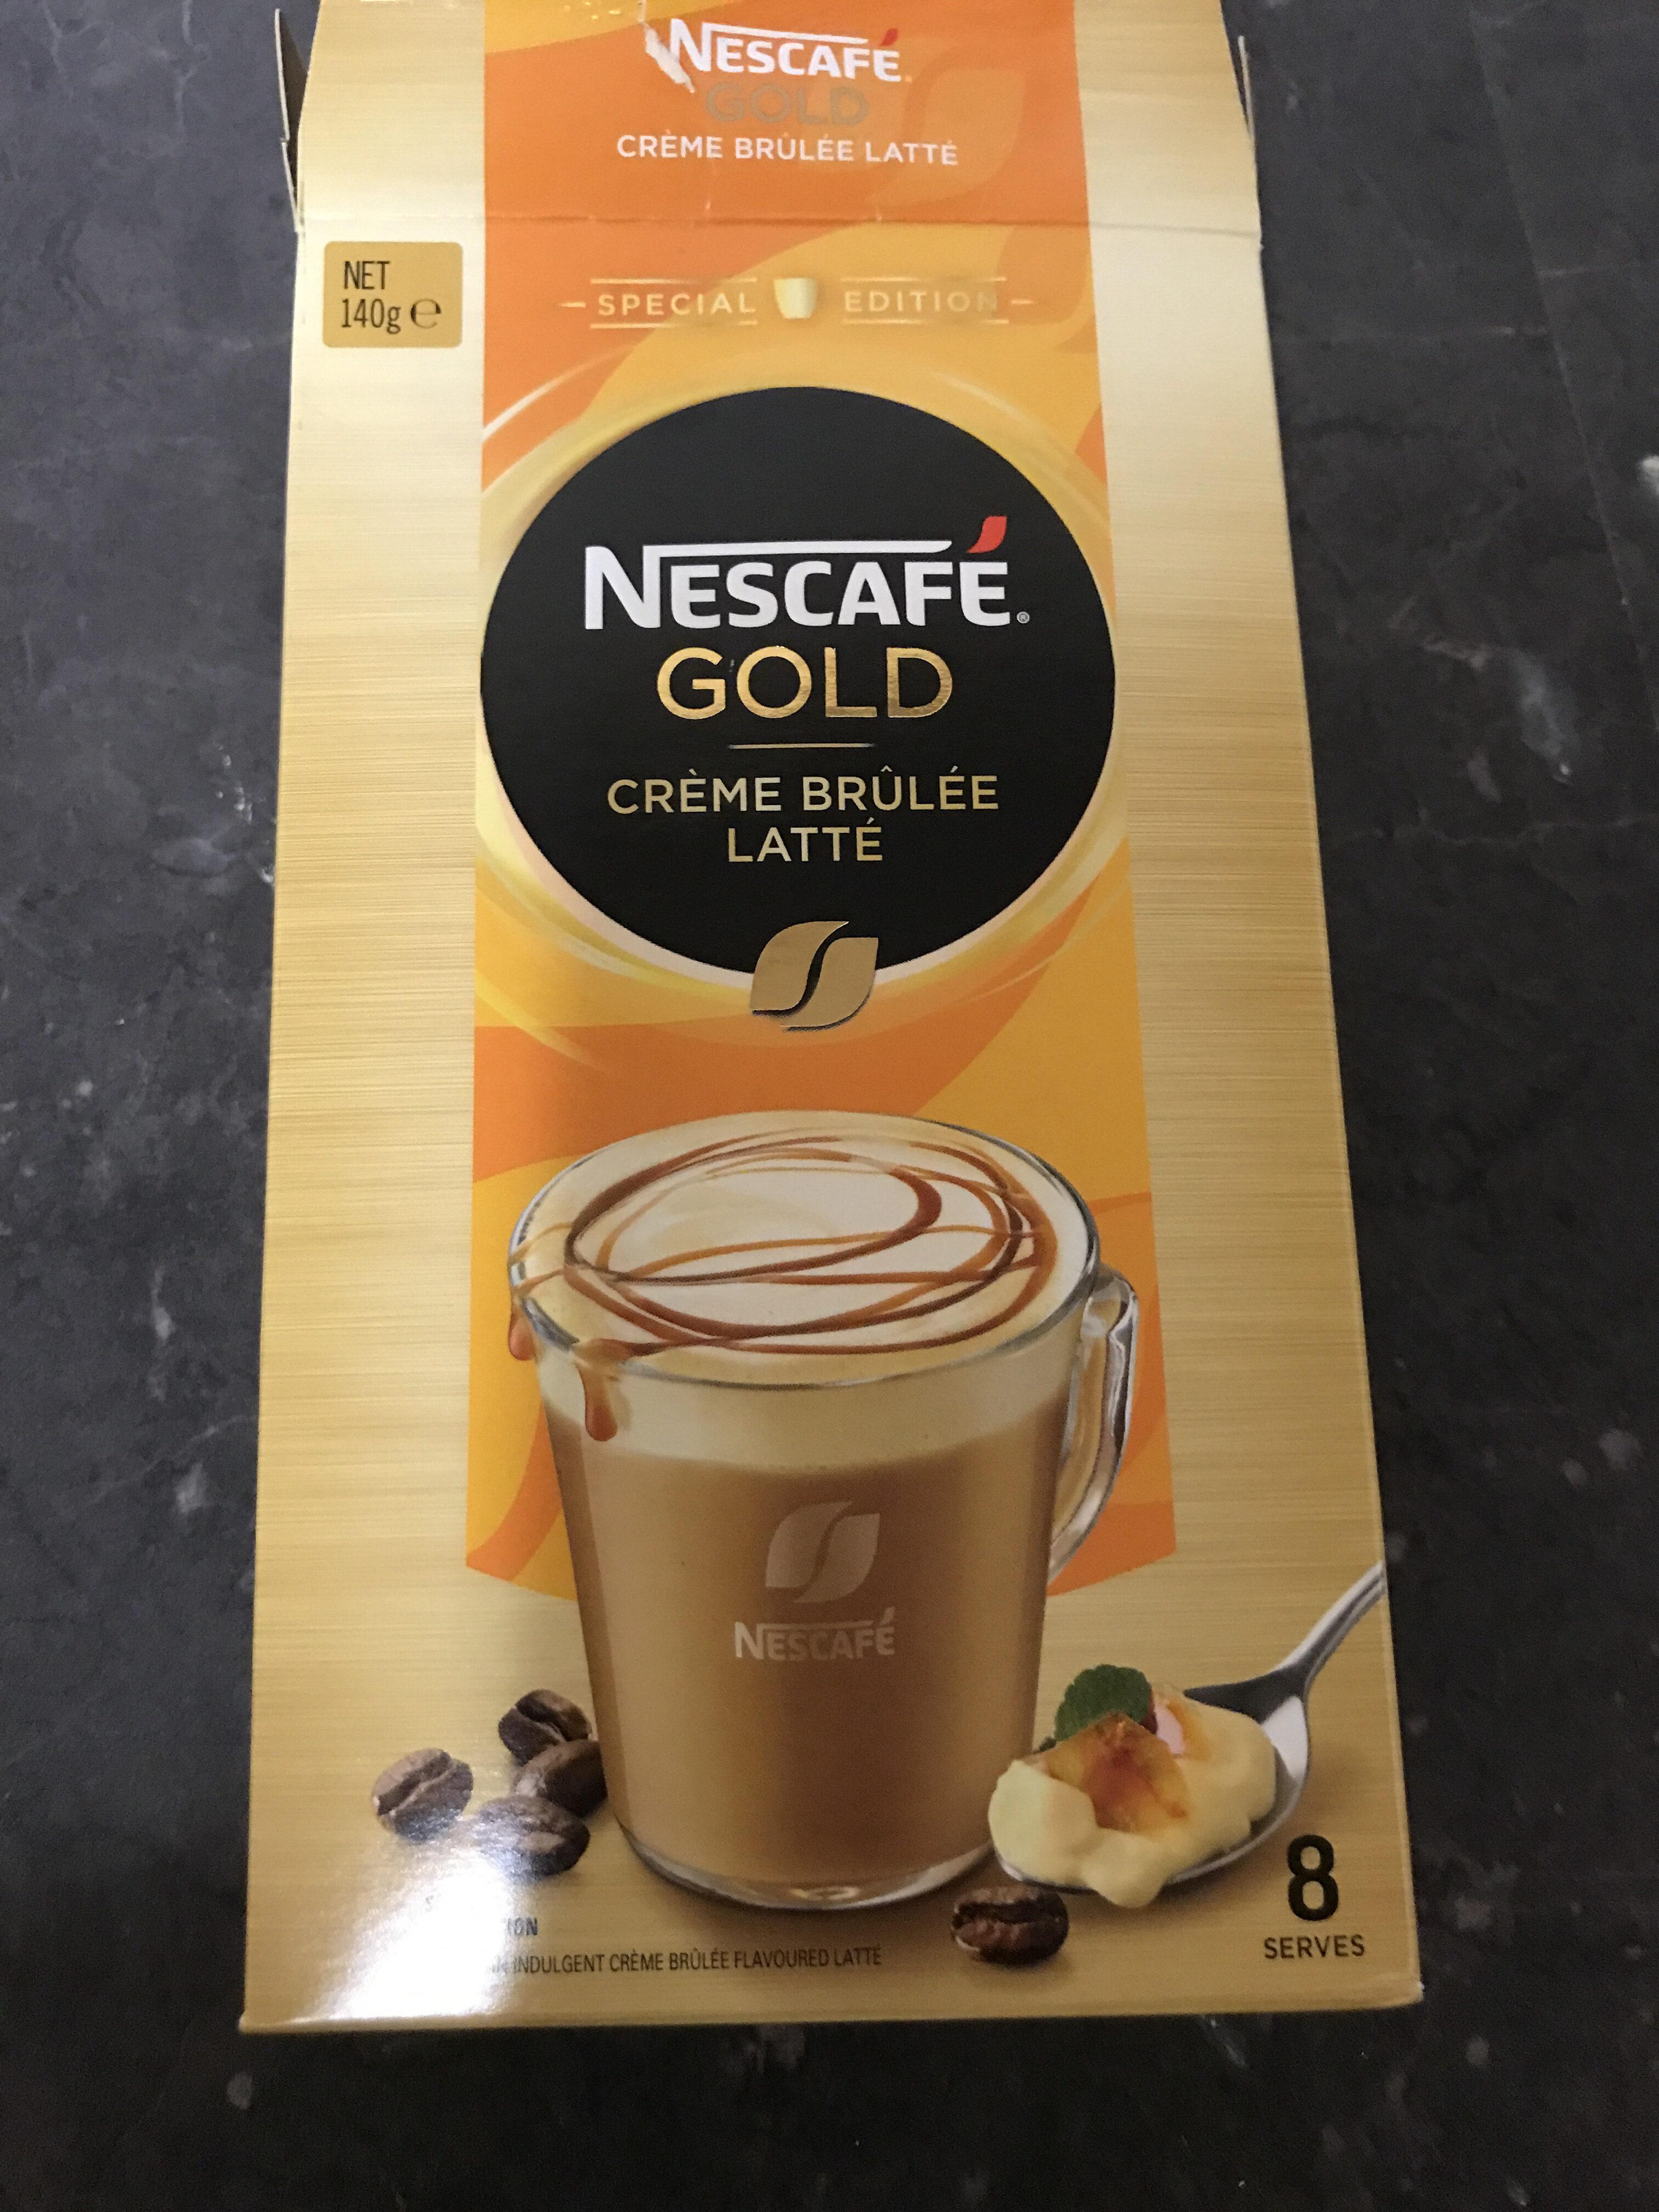 Nescafé Gold - Crème Brûlée Latté - Product